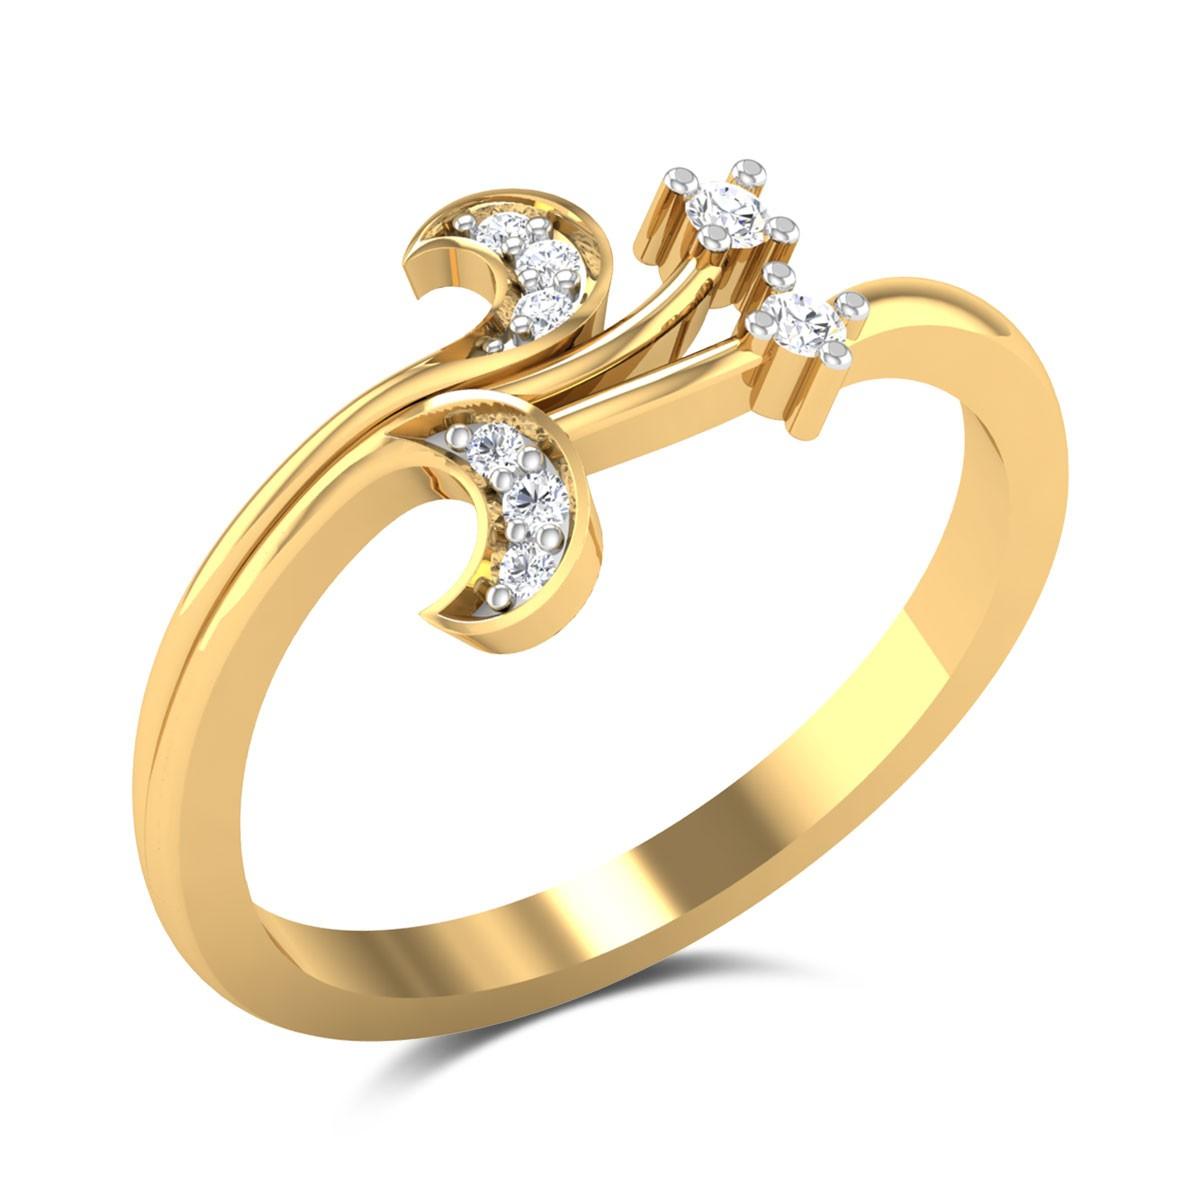 Jaylah Diamond Ring